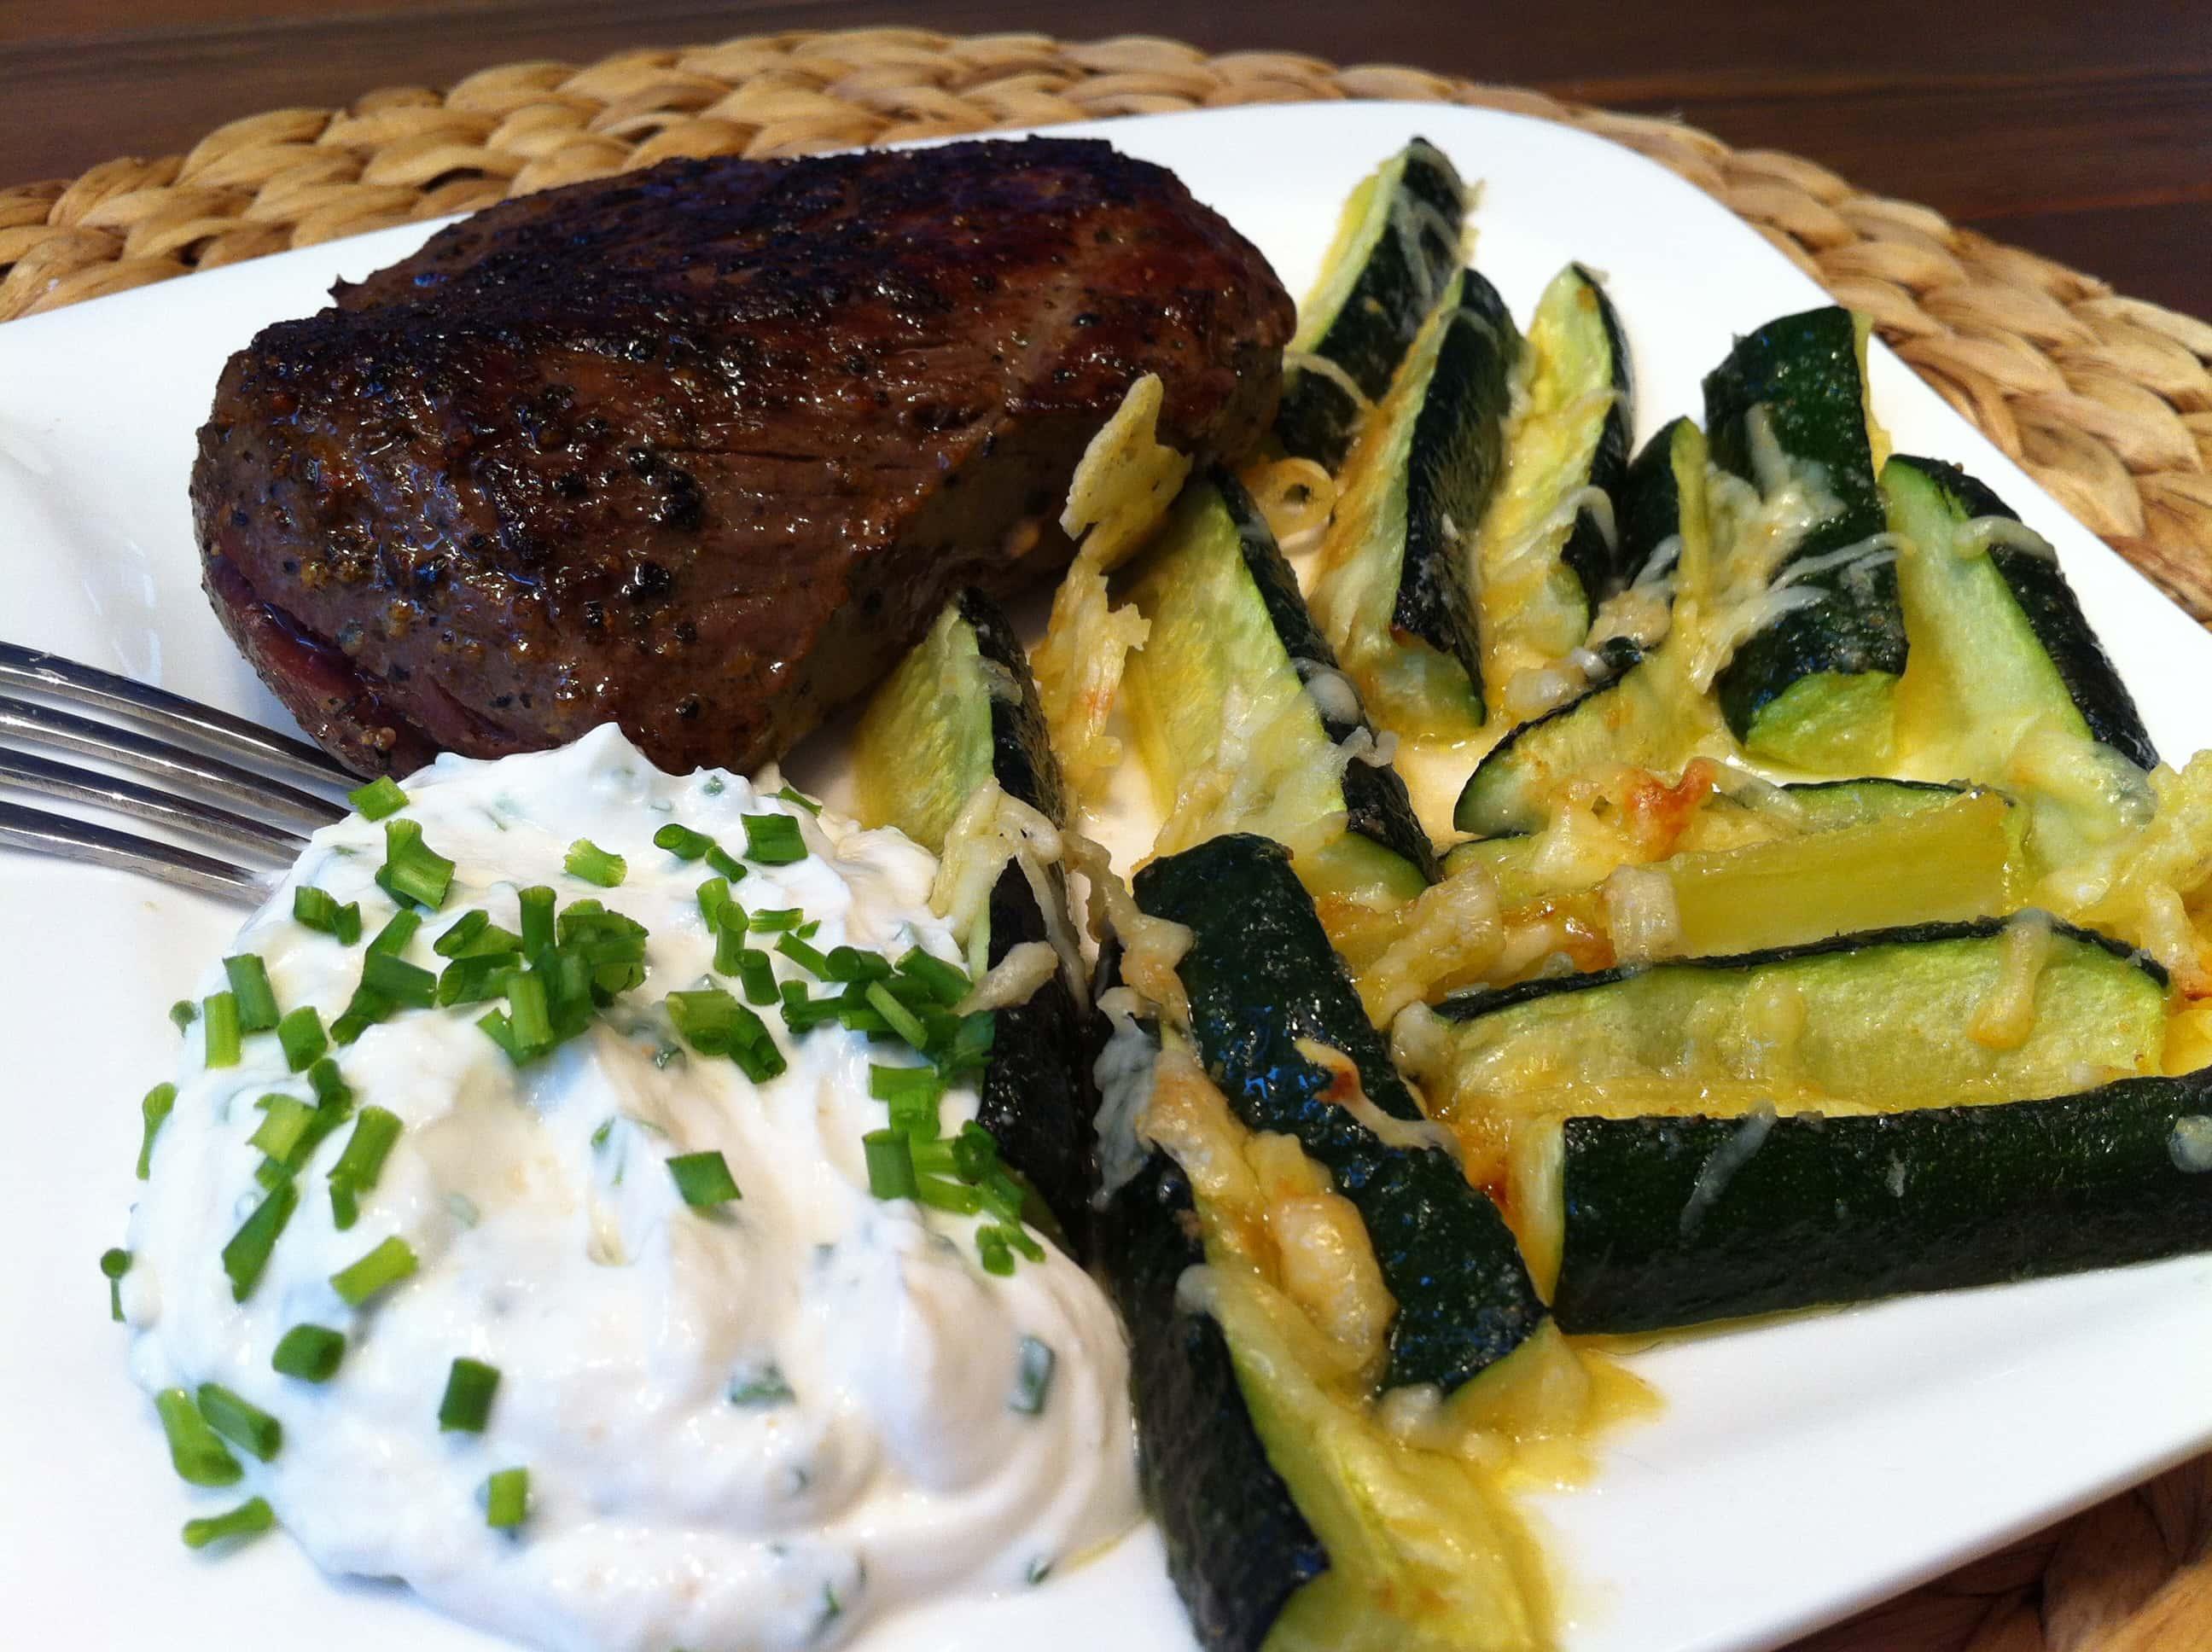 Die leckeren low carb Zucchinisticks mit Quarkdip und einem saftigen Steak